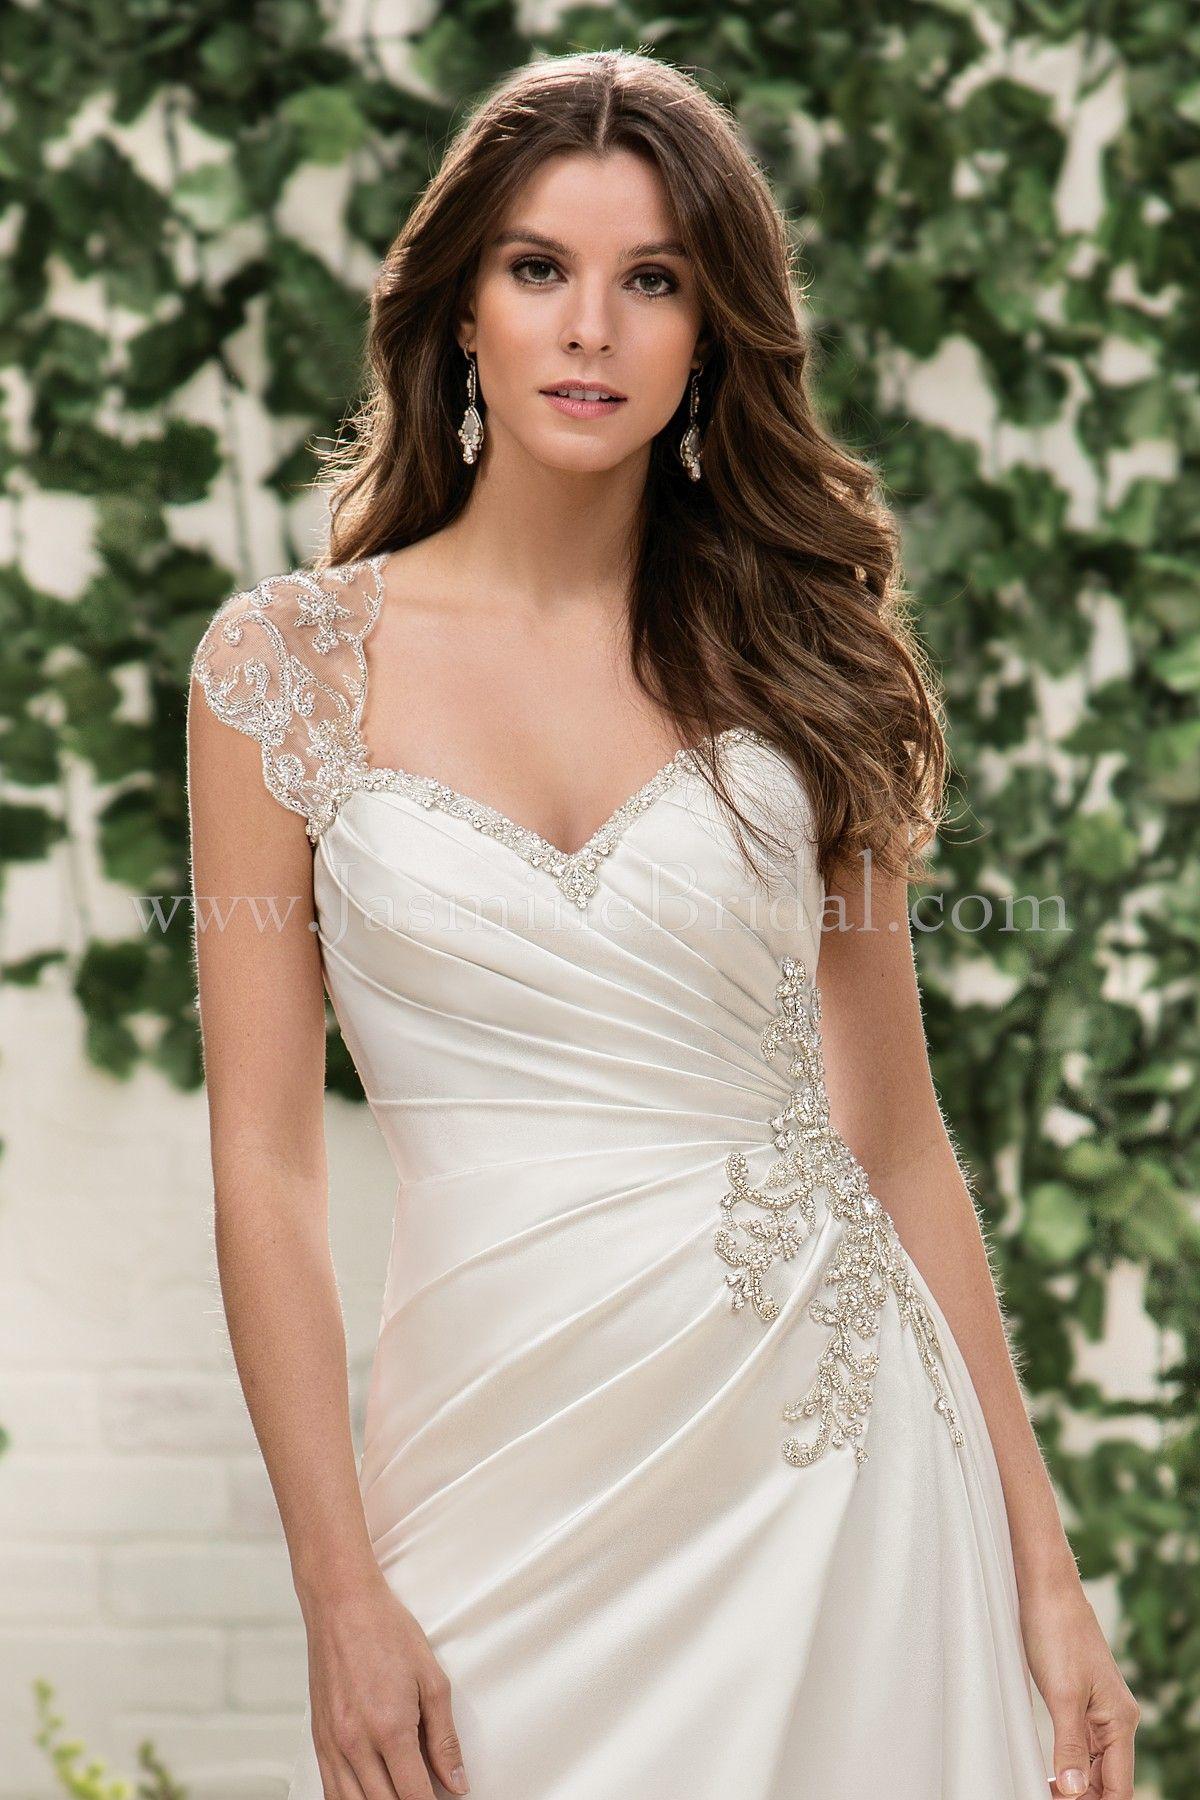 Jasmine bridal wedding dresses pinterest jasmine bridal